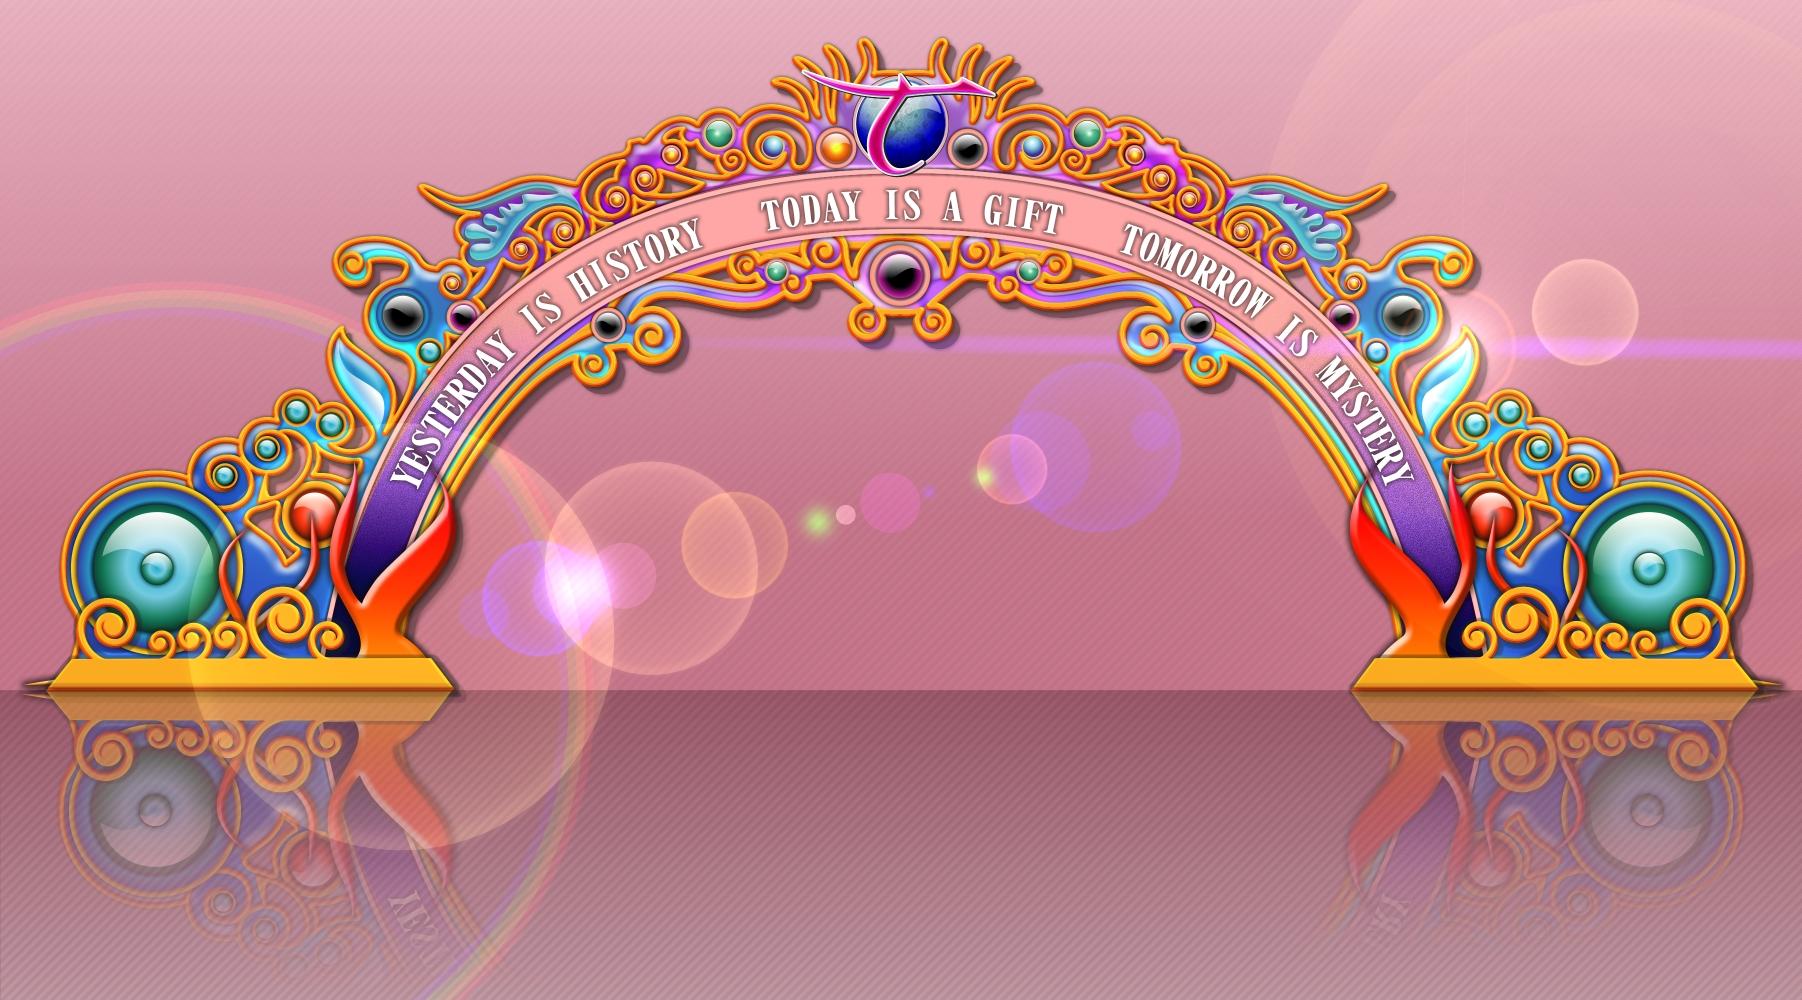 tomorrowland arch by sammy8a tomorrowland arch by sammy8a